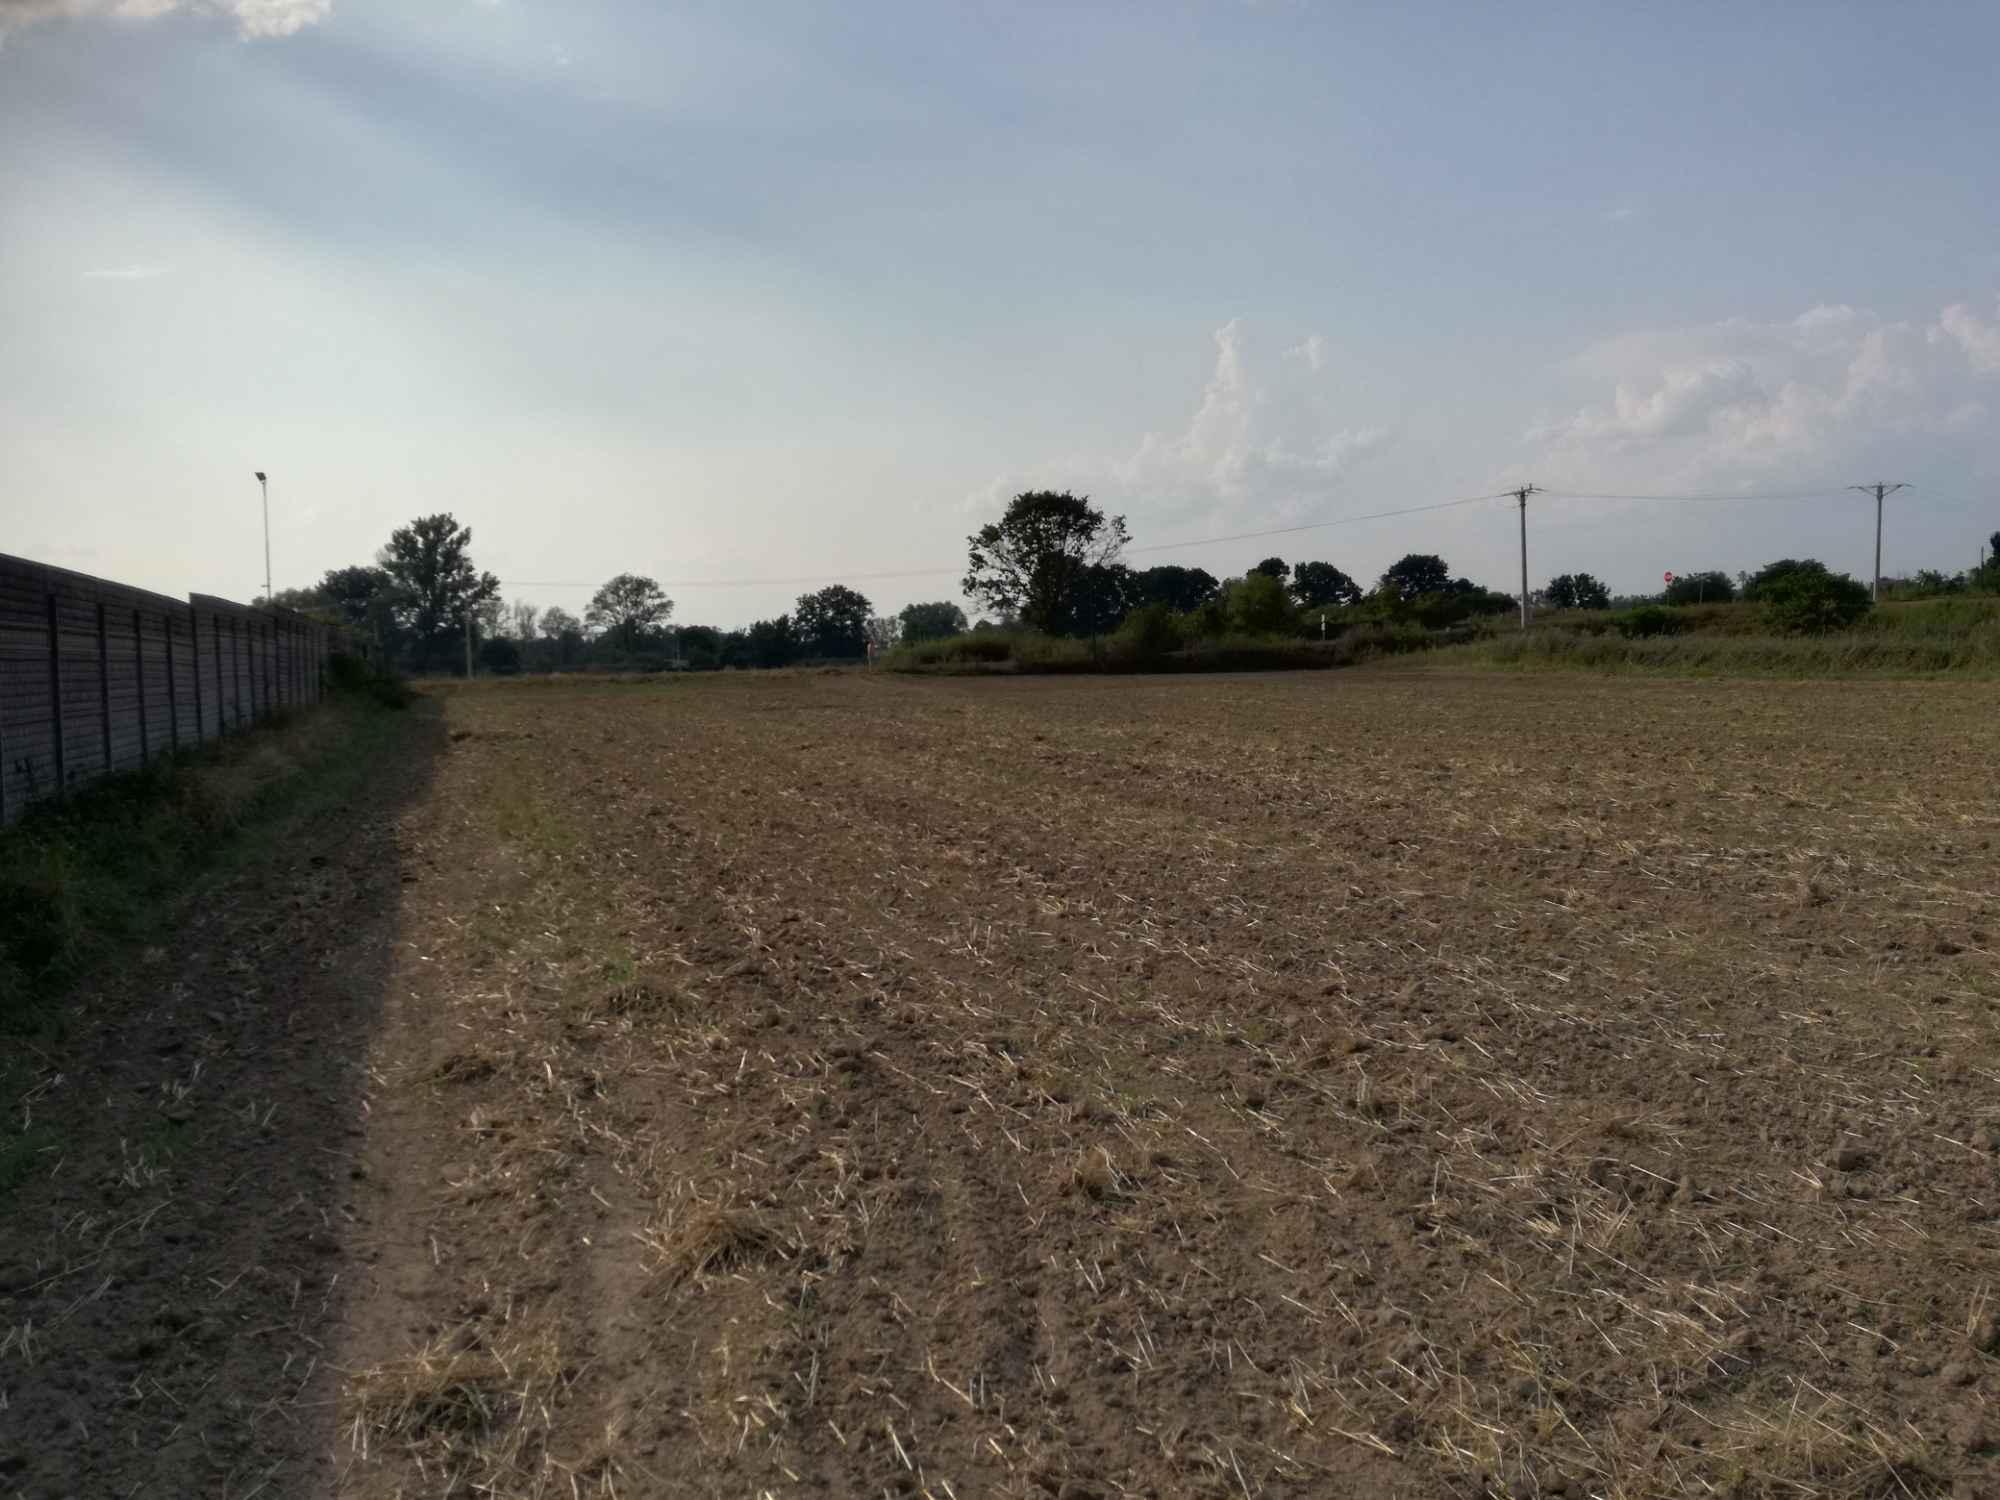 Działka rolna 2,58 ha + łąka 0.89 ha Krosno Odrzańskie - zdjęcie 6